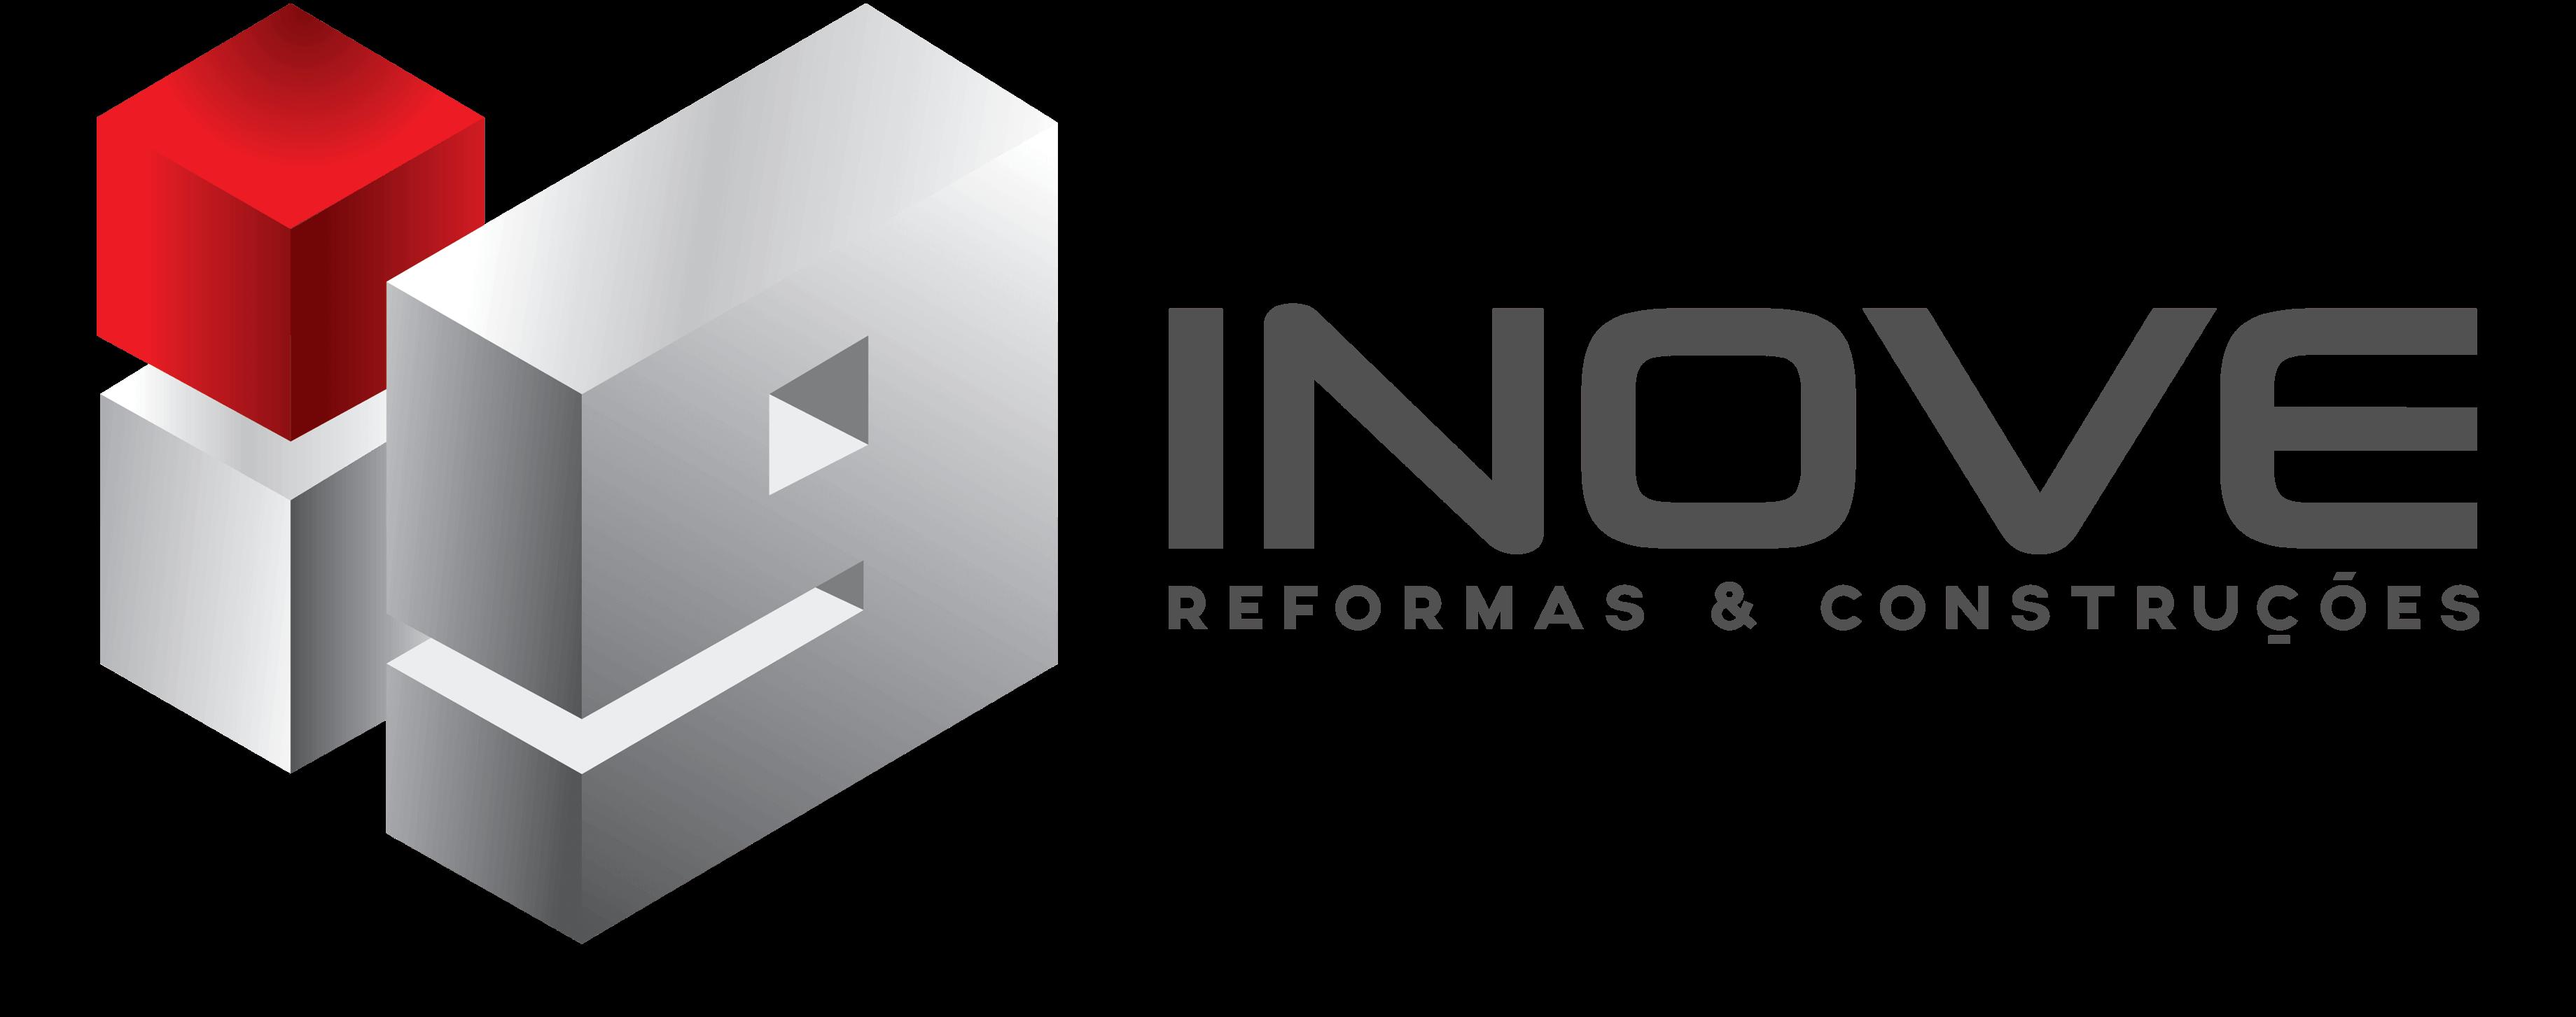 Inove Reformas e Construções